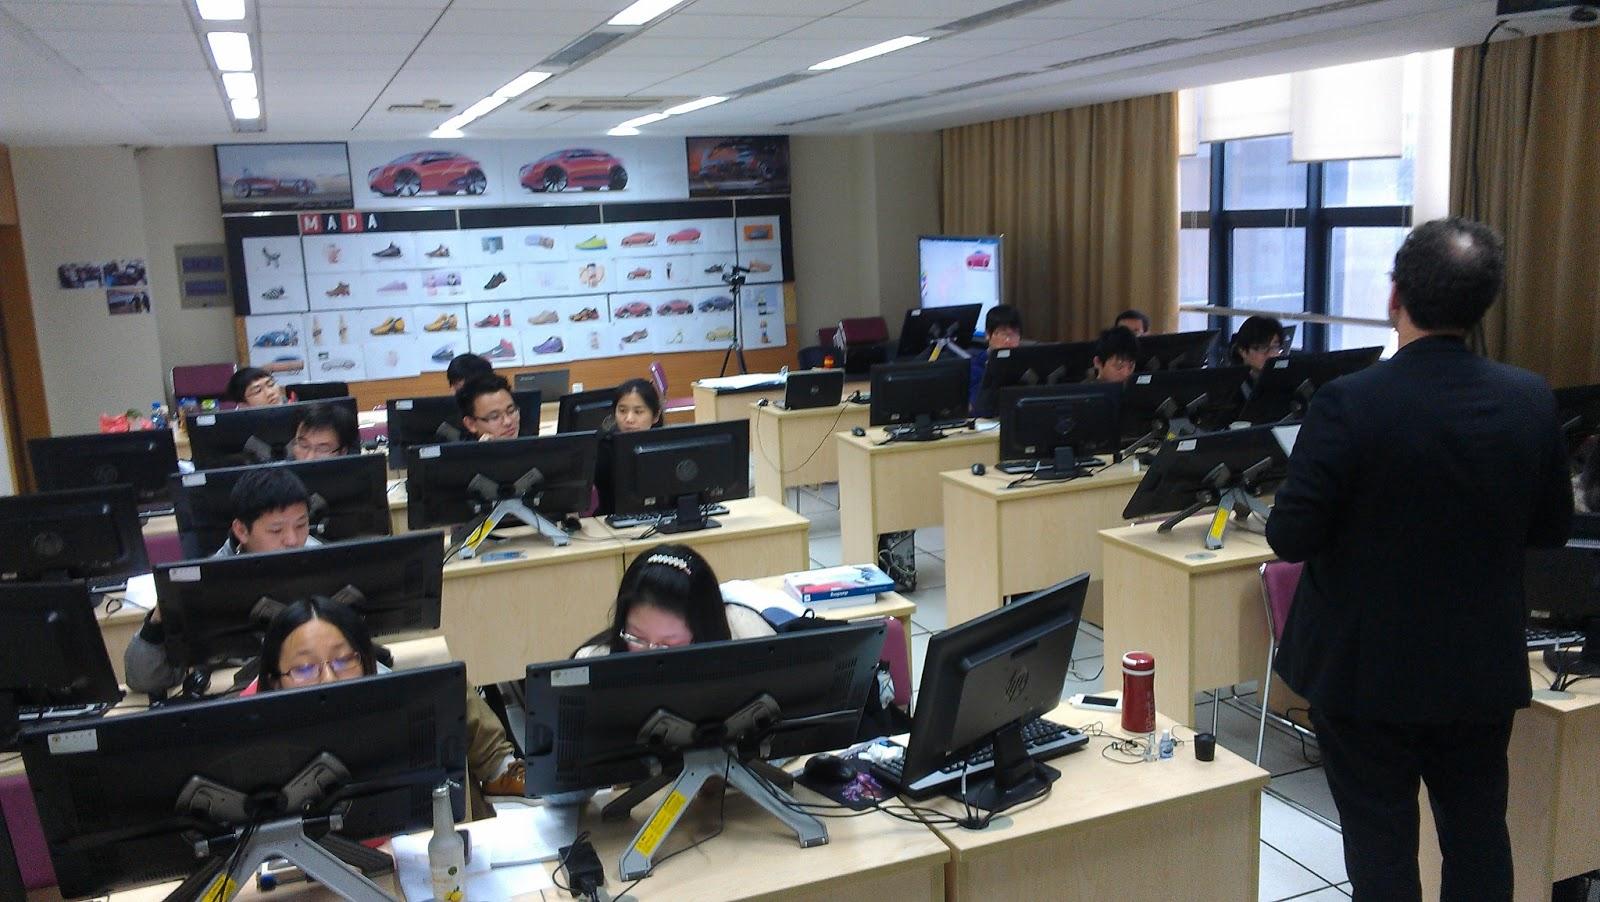 En China la compañía ya había elaborado algo como Aula Móvil Wacom.